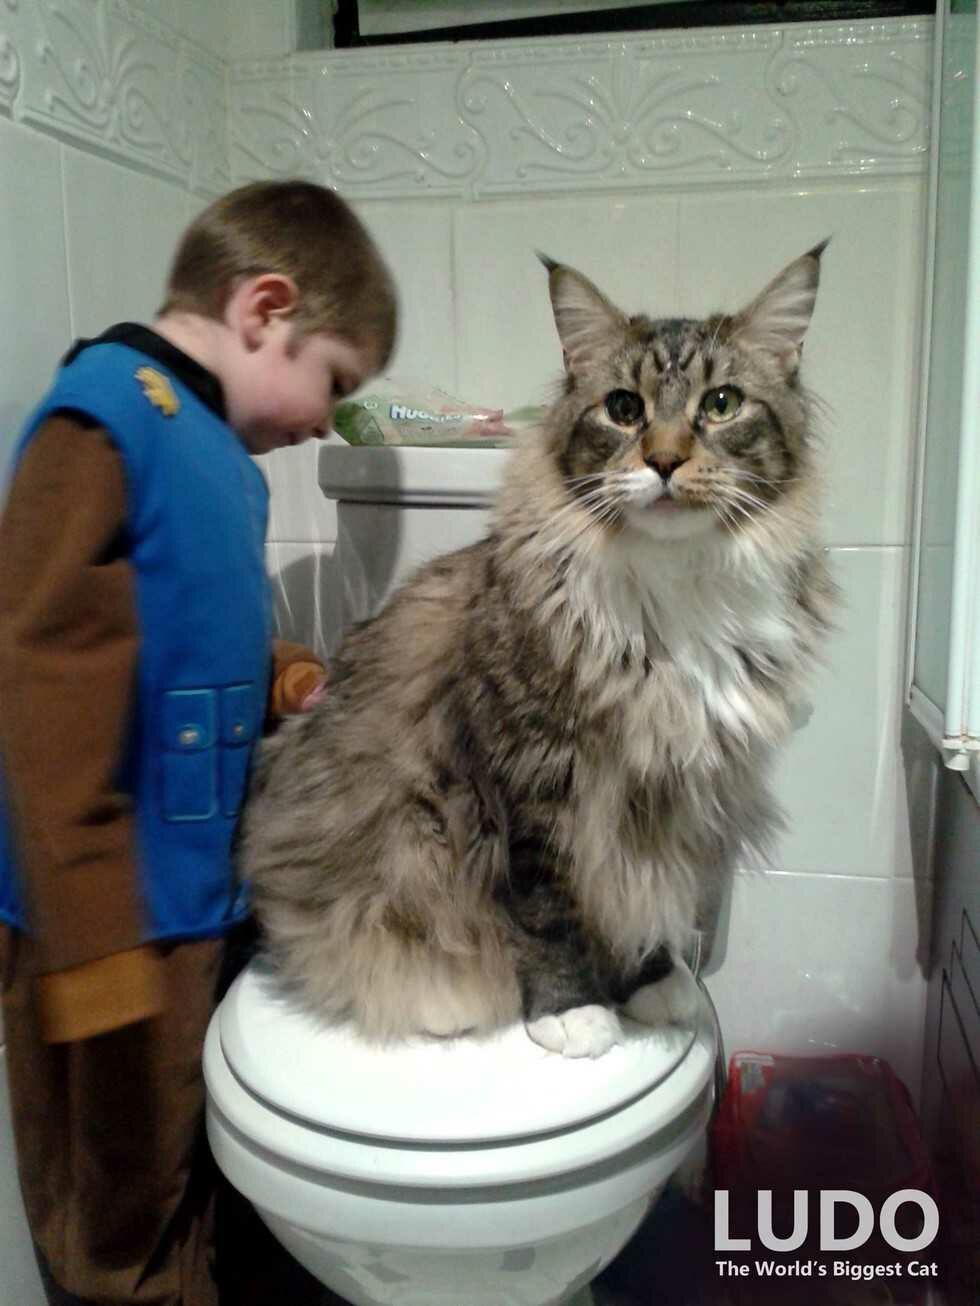 wp 1474252548533 - Ludo, Si Kucing Raksasa Pengasuh Bayi